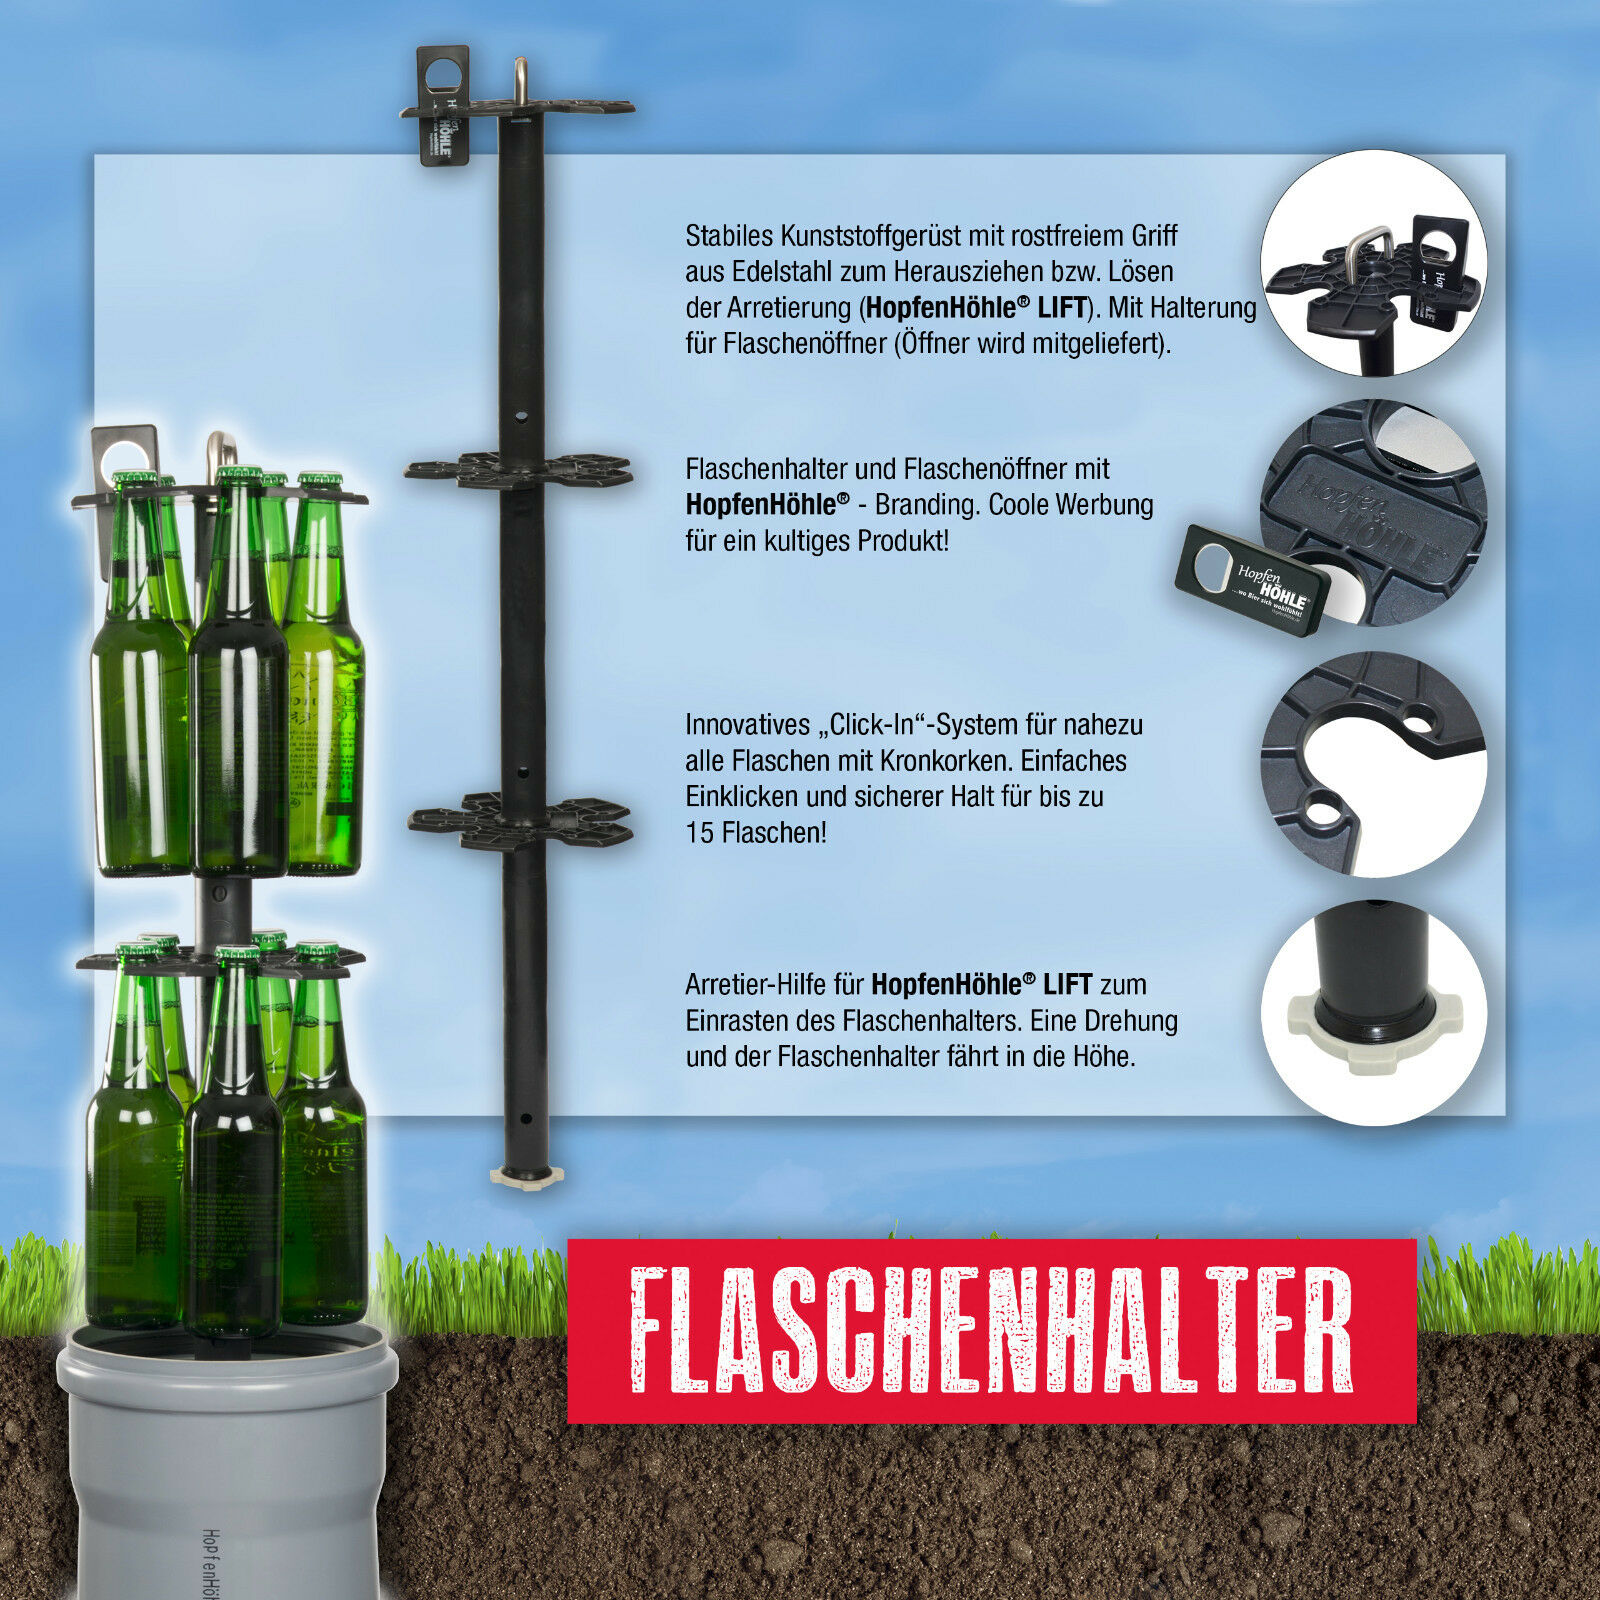 HopfenHöhle LIFT - Das Erdloch Original: Outdoor Erdloch Das Bierkühler mit Hebesystem e2e882